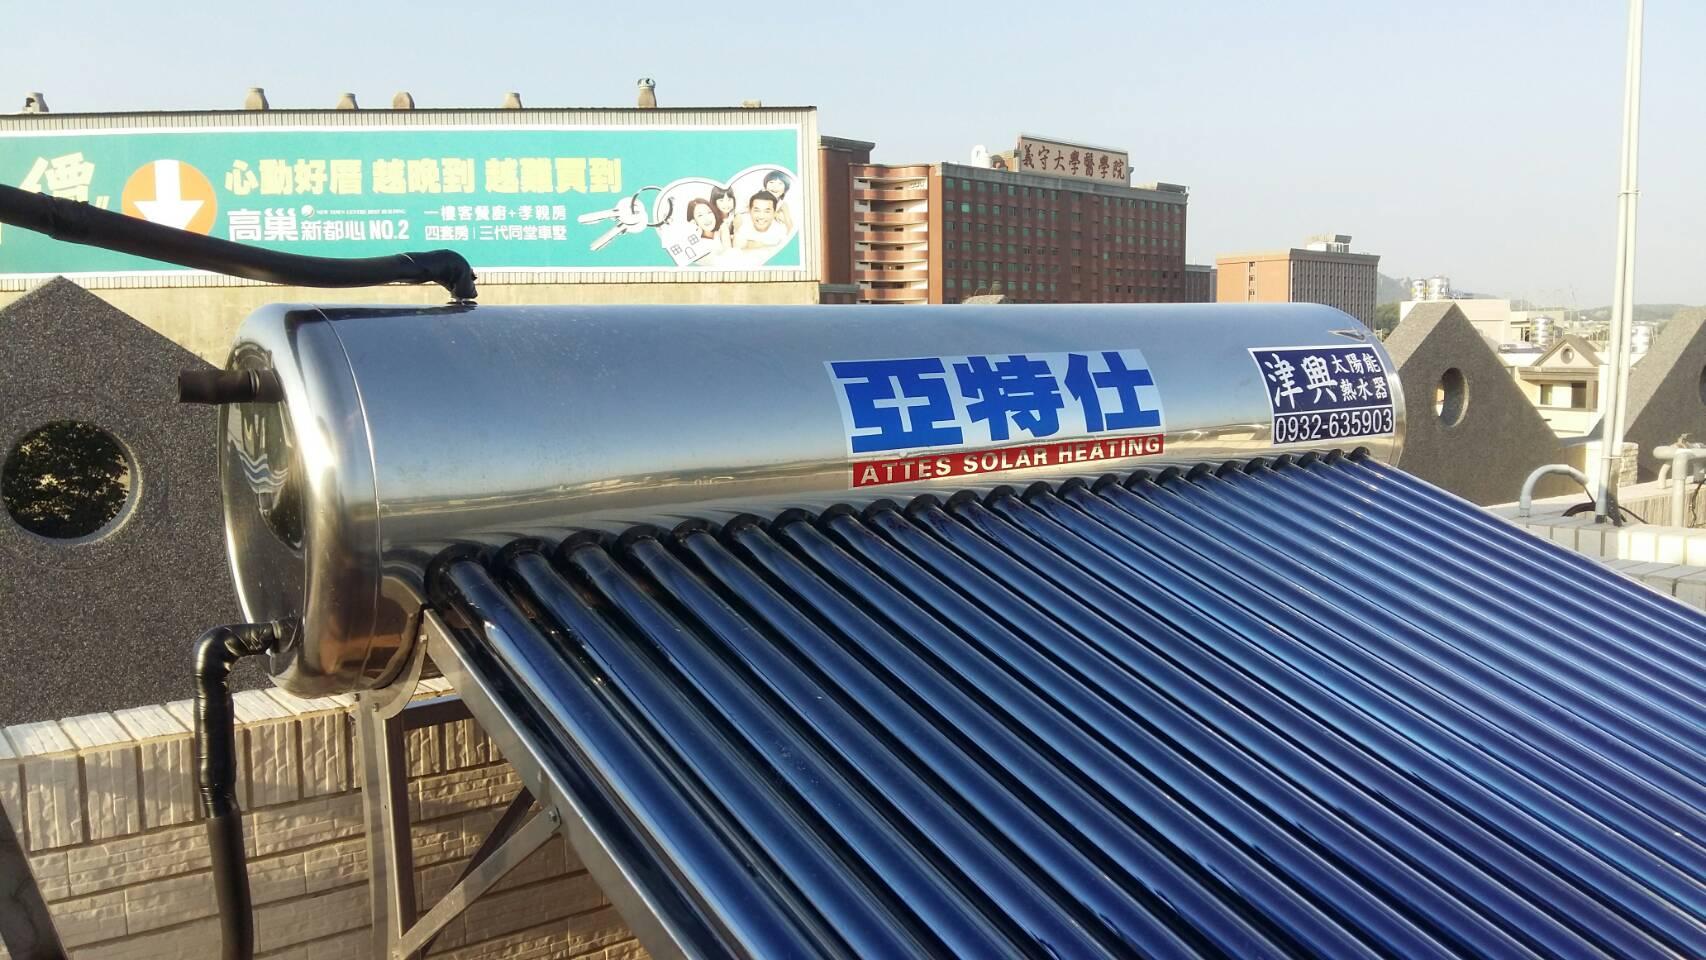 高雄燕巢-津興亞特仕真空管太陽能熱水器